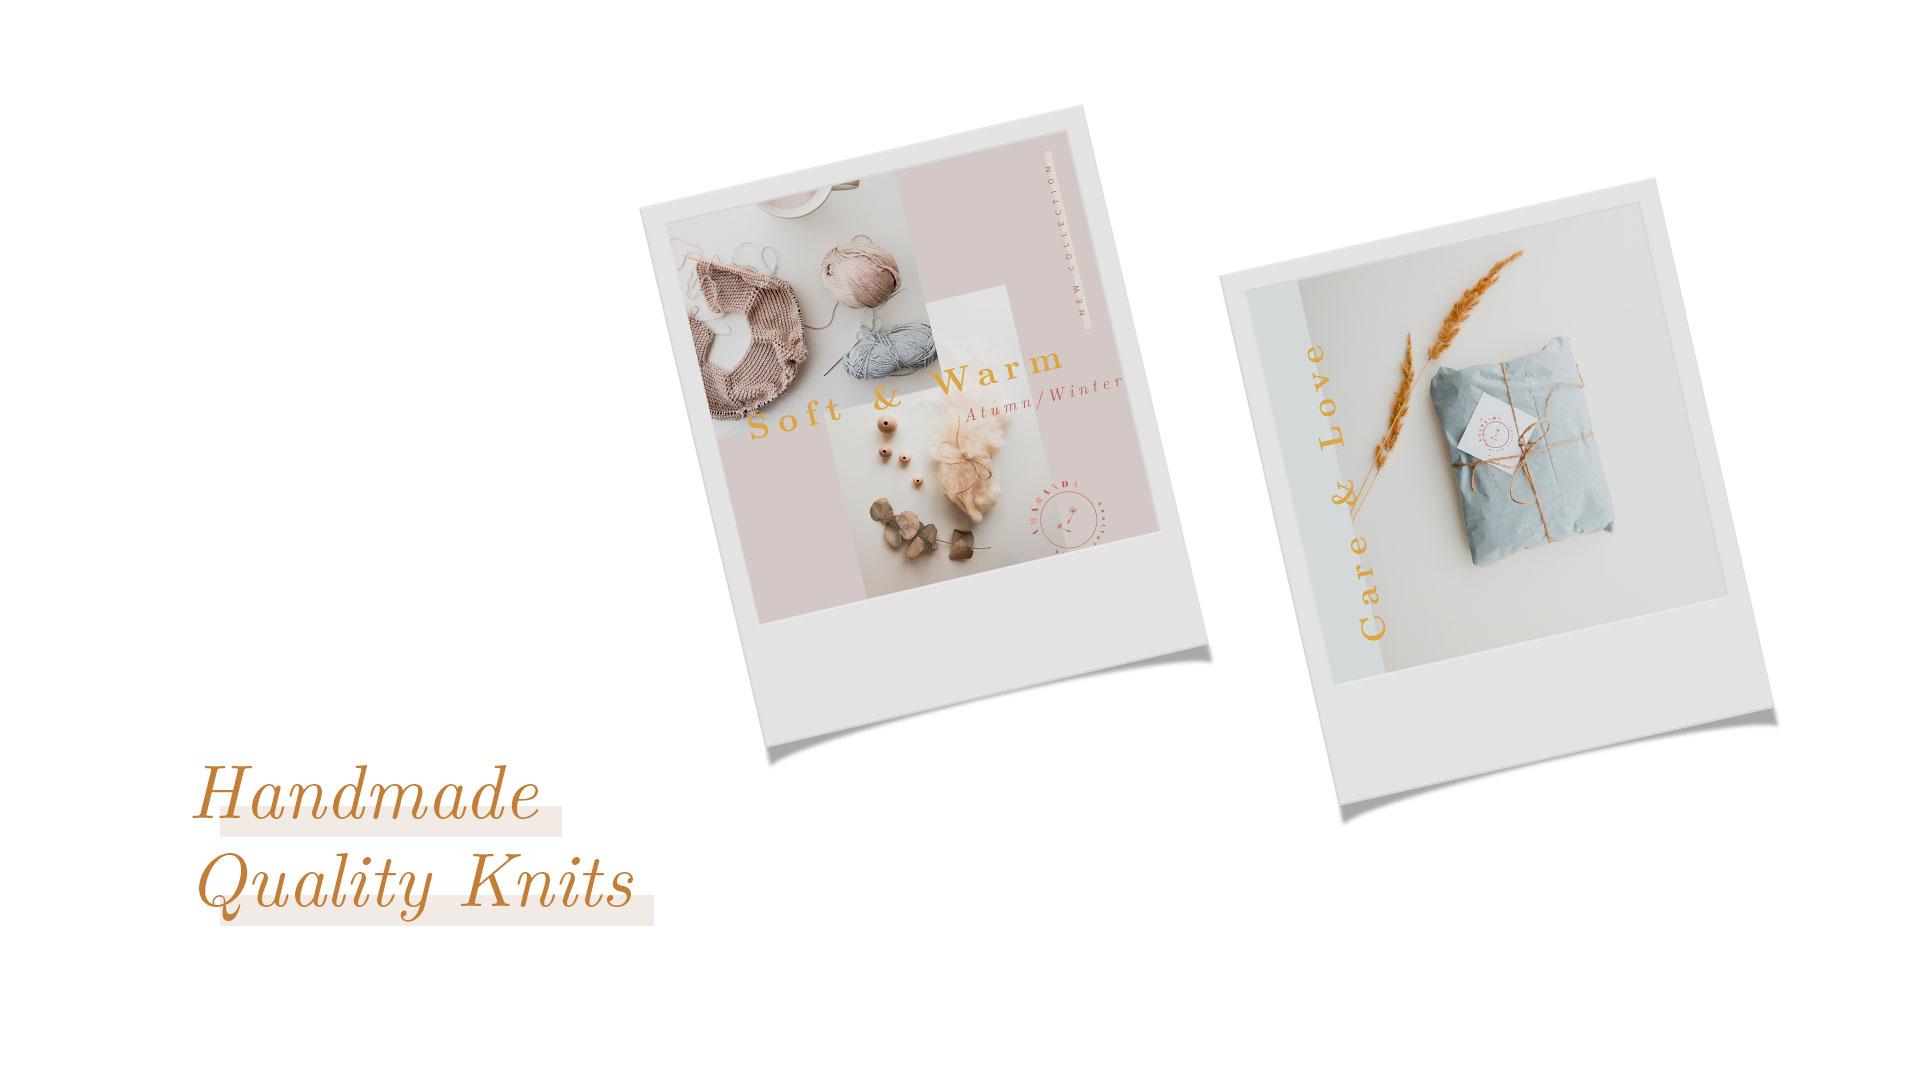 Alba Plana diseño de marca i diseño web para artesanas